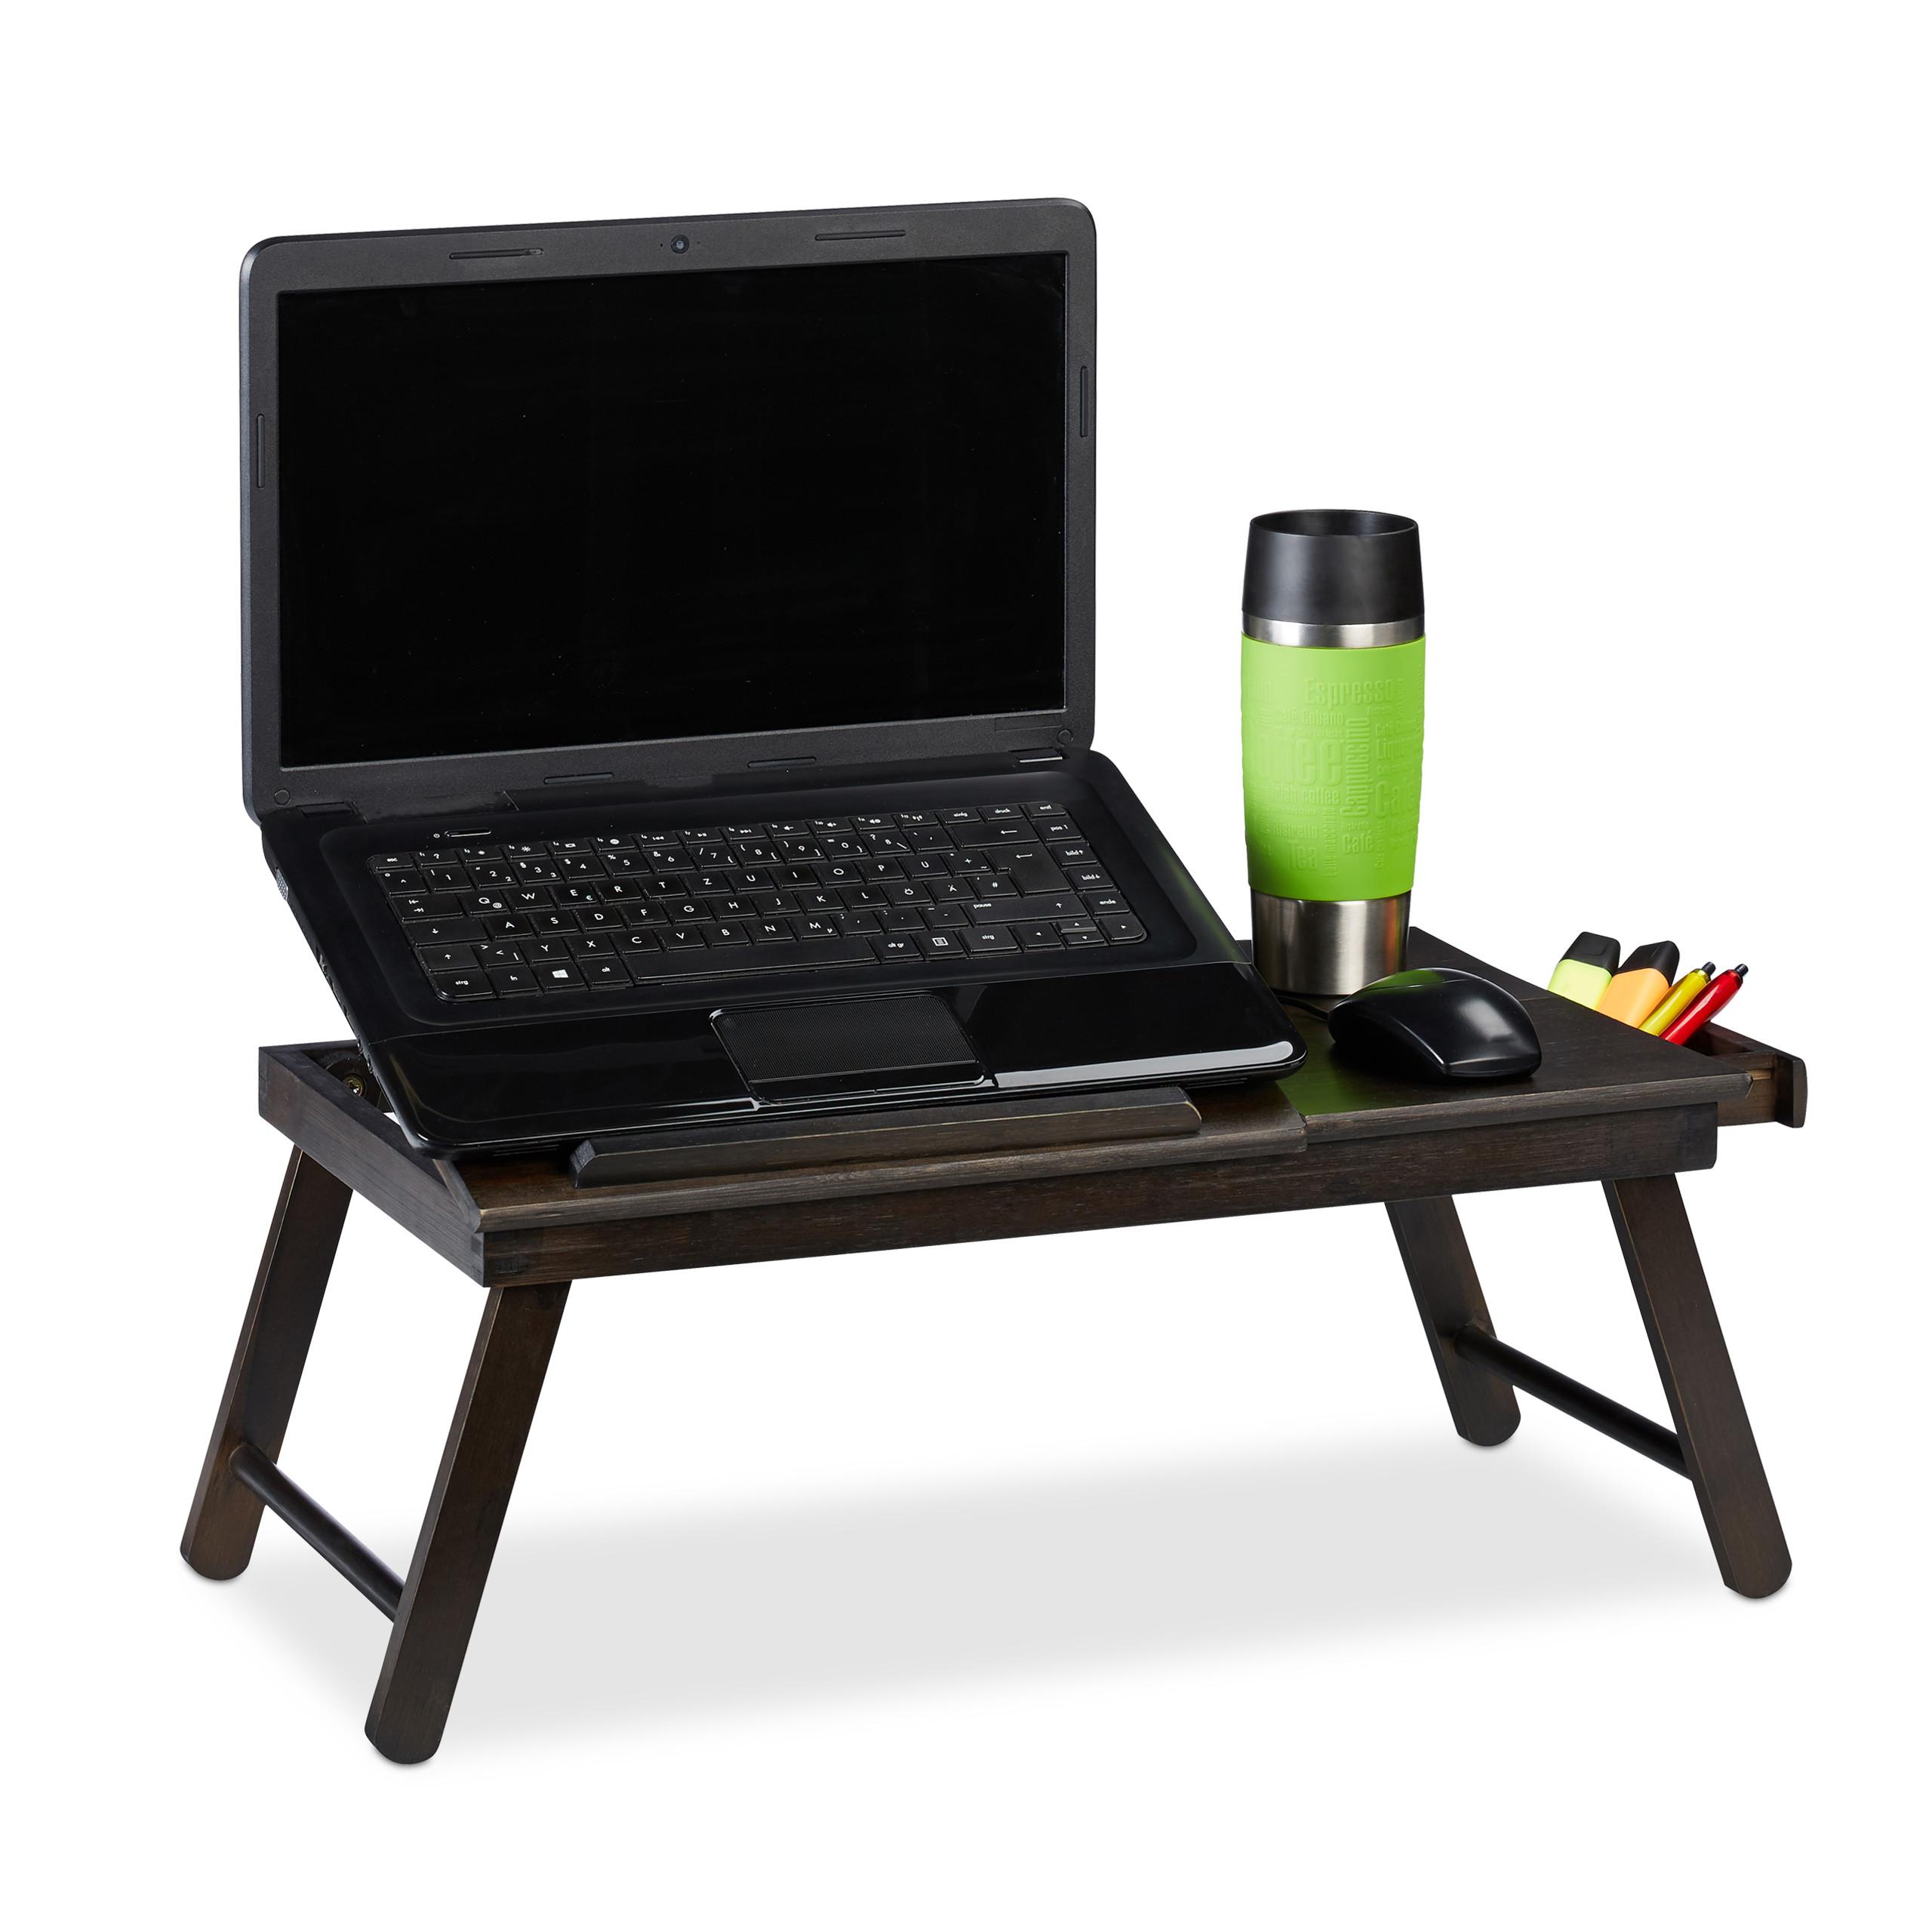 Notebooktisch Laptoptisch Lapdesk Notebookauflage Tablett Arbeitstisch USB LED